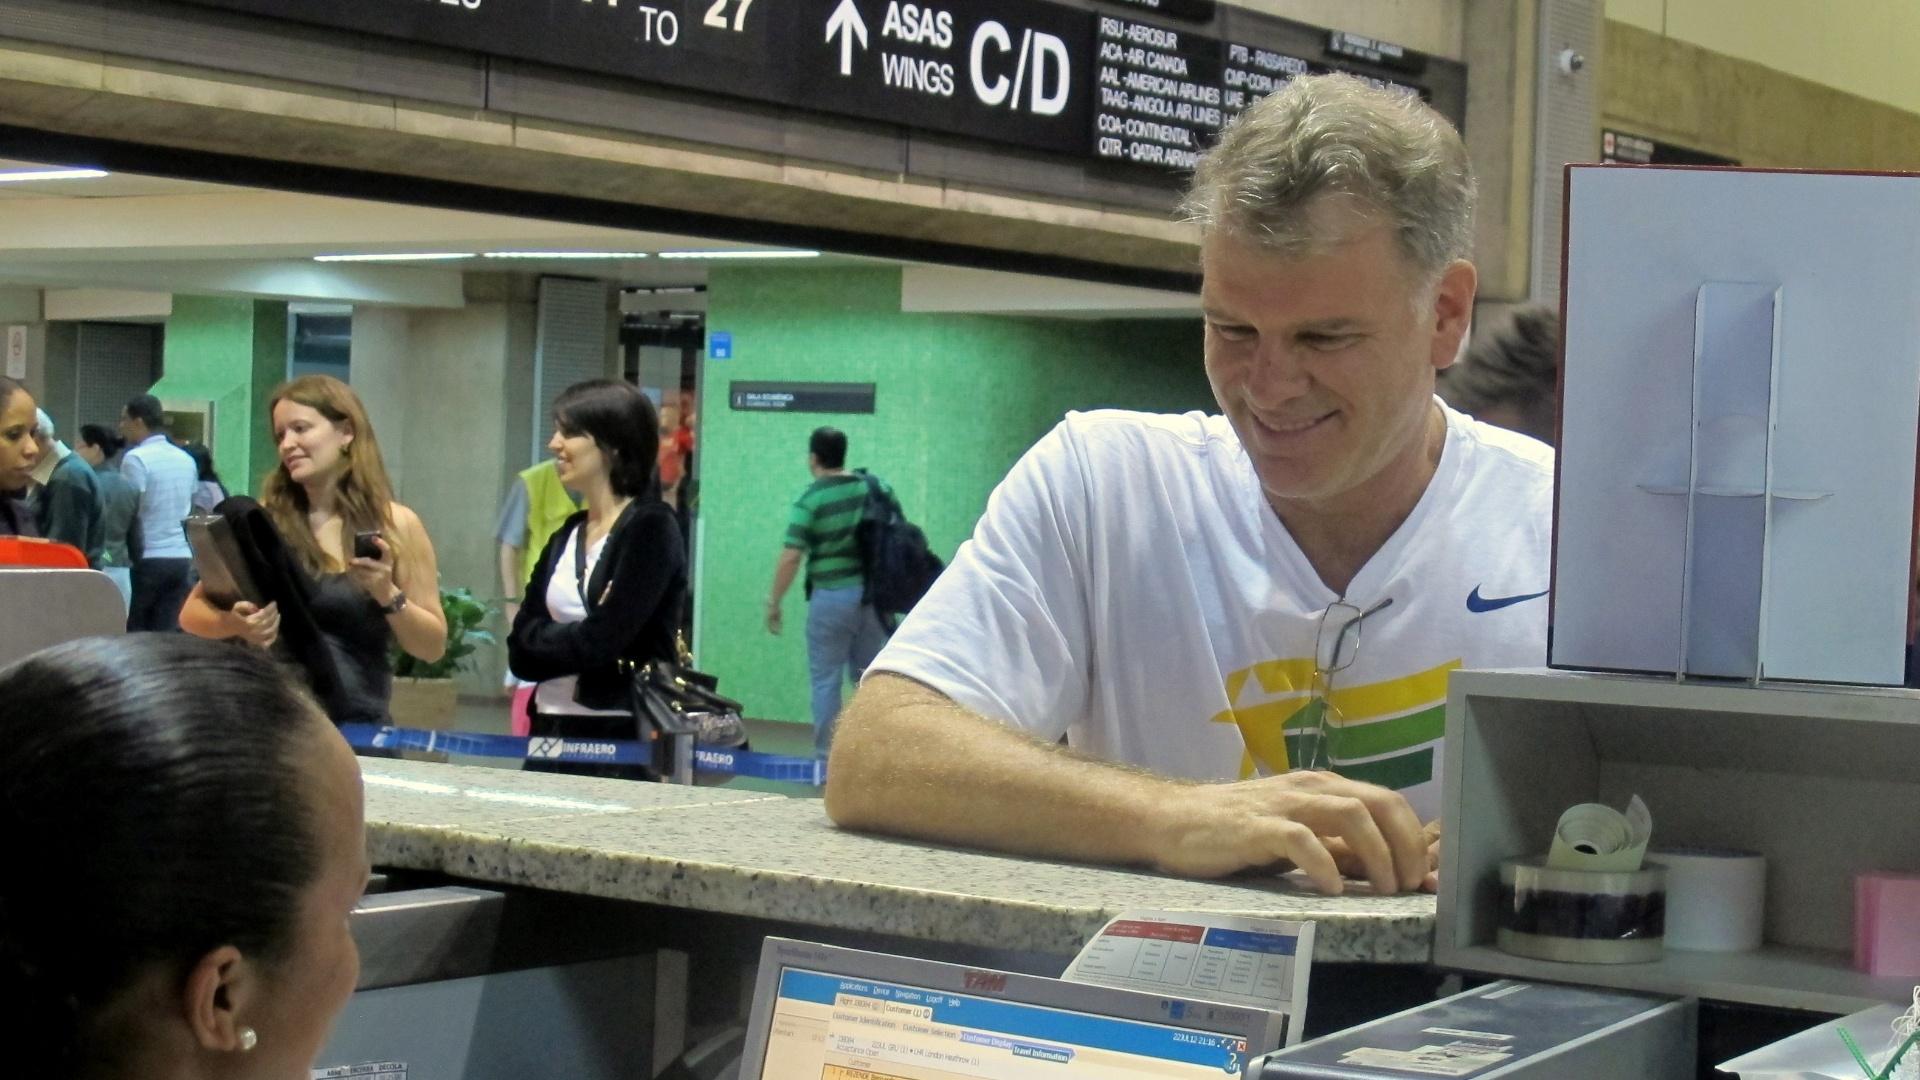 Bernardinho faz check-in no aeroporto de Guarulhos no embarque da seleção masculina de vôlei para Londres (22/07/2012)